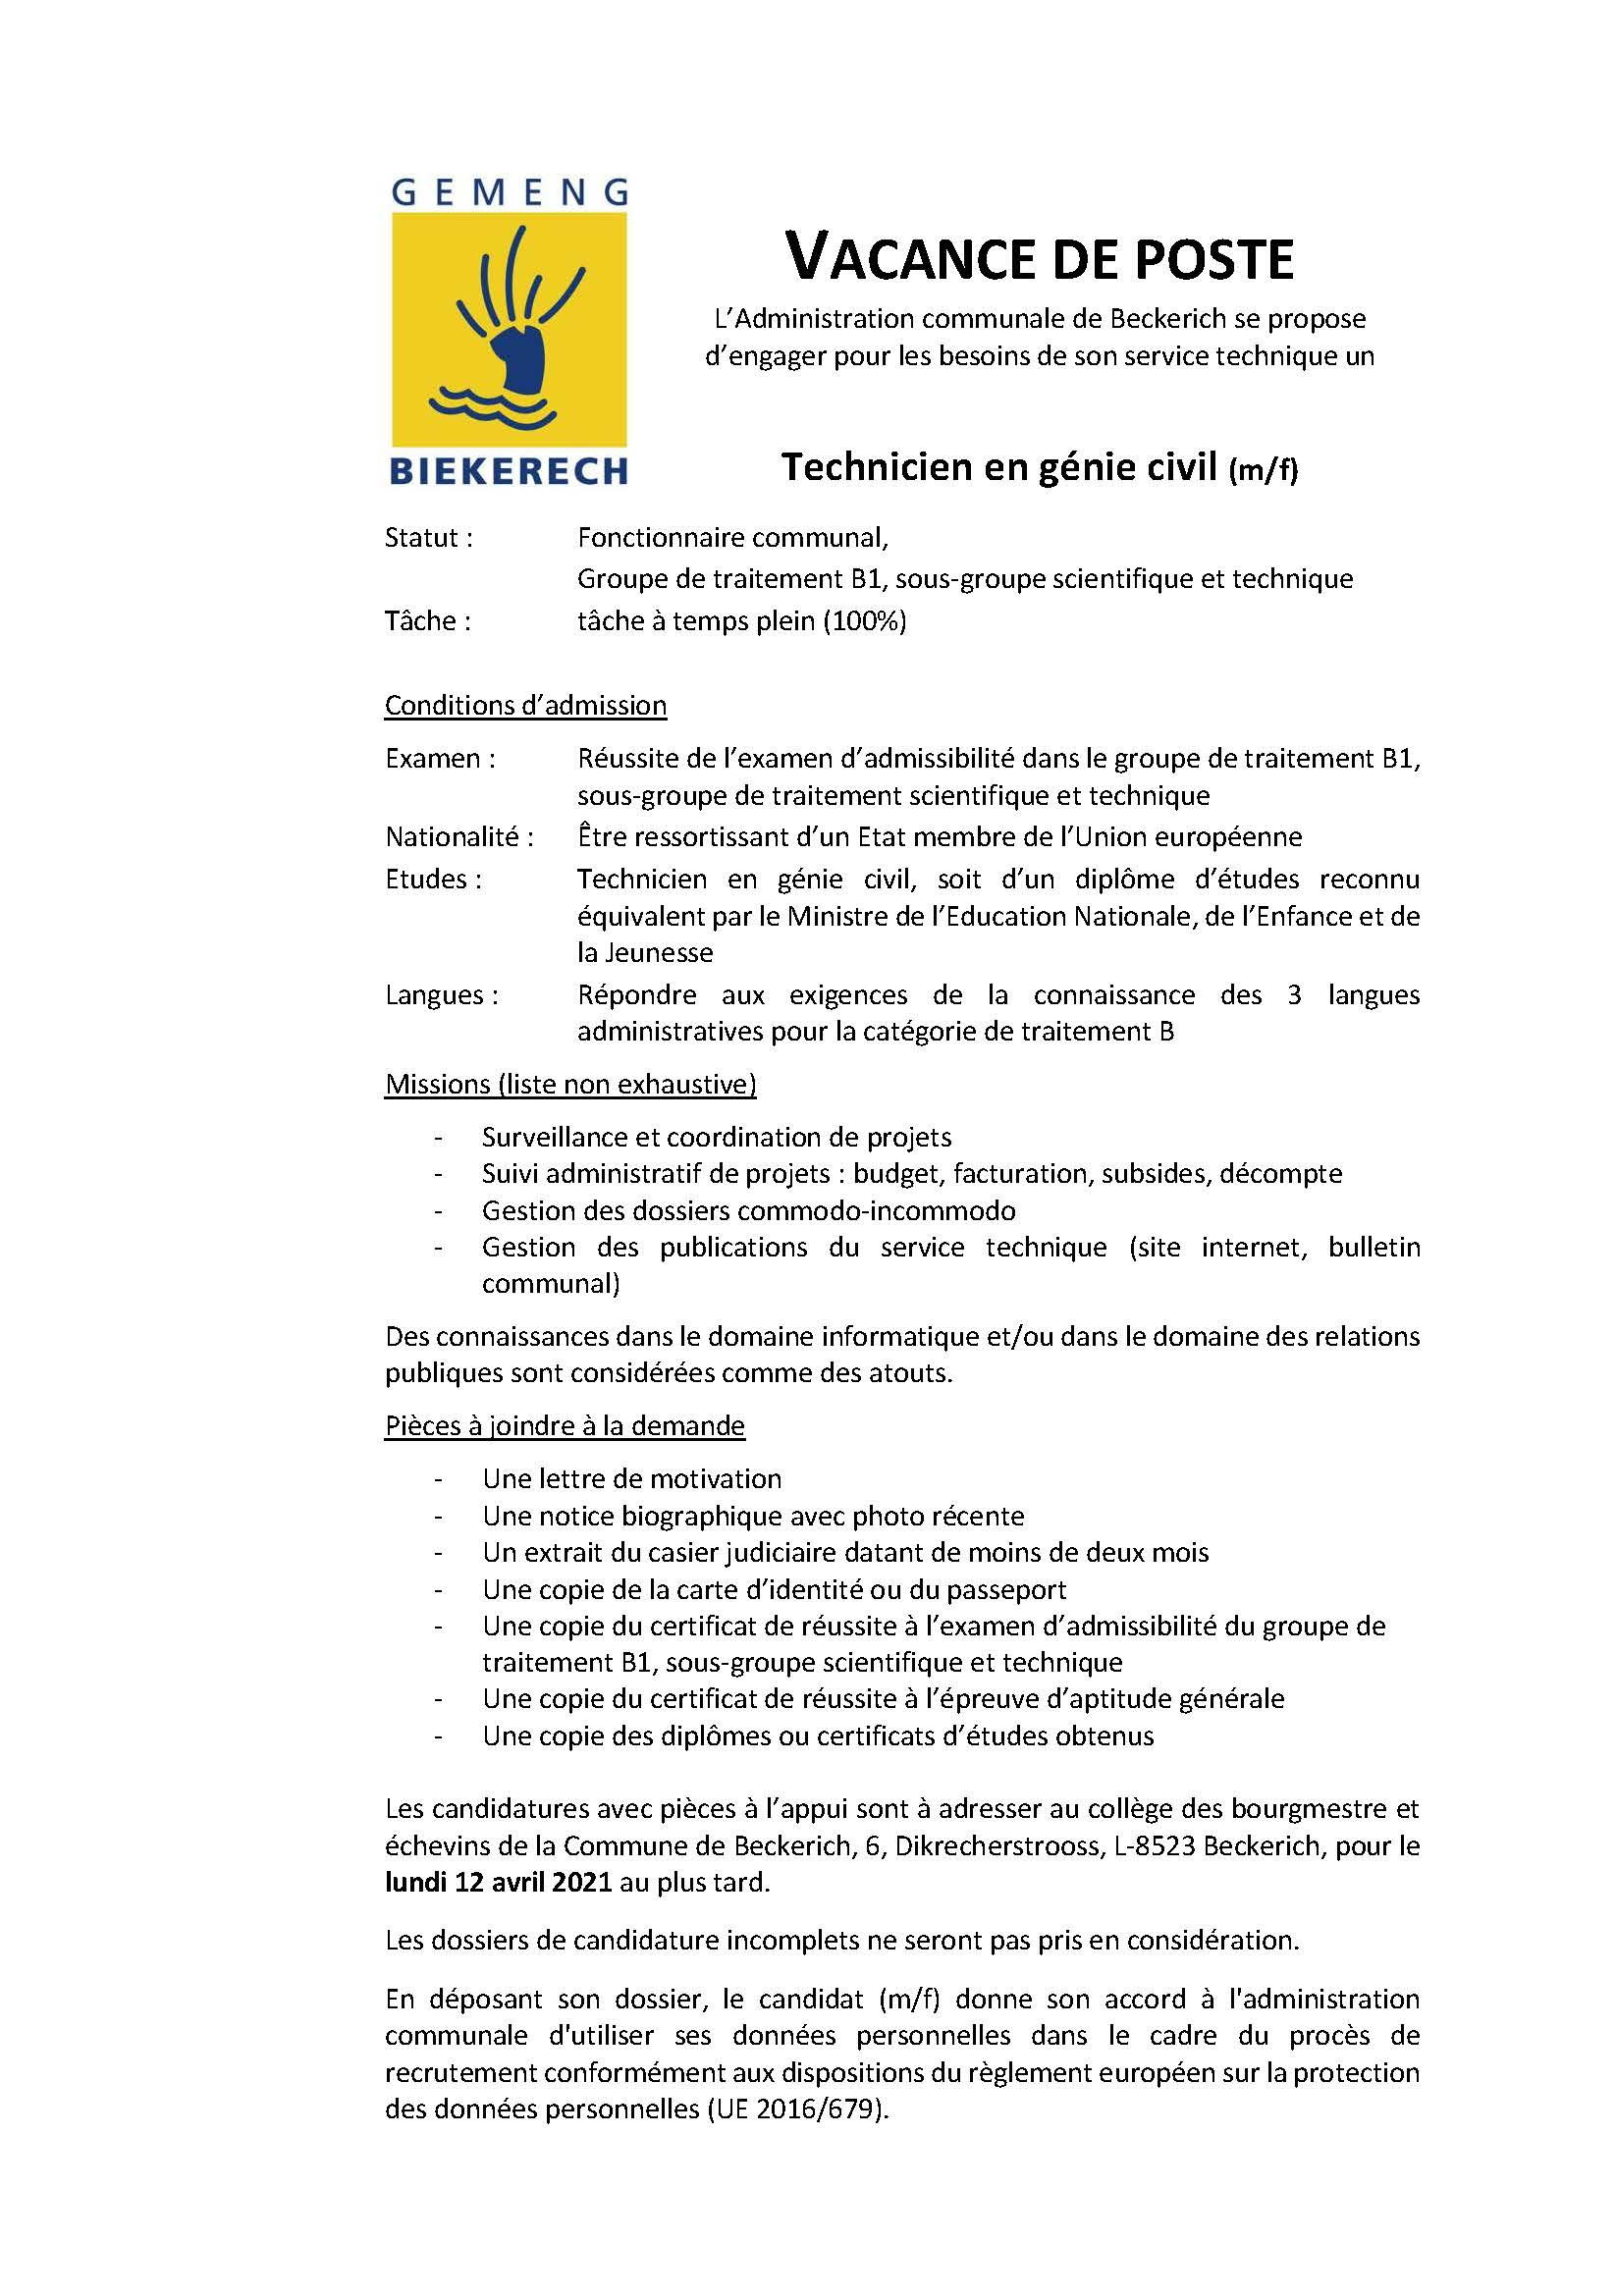 VACANCE DE POSTE Technicien en génie civil